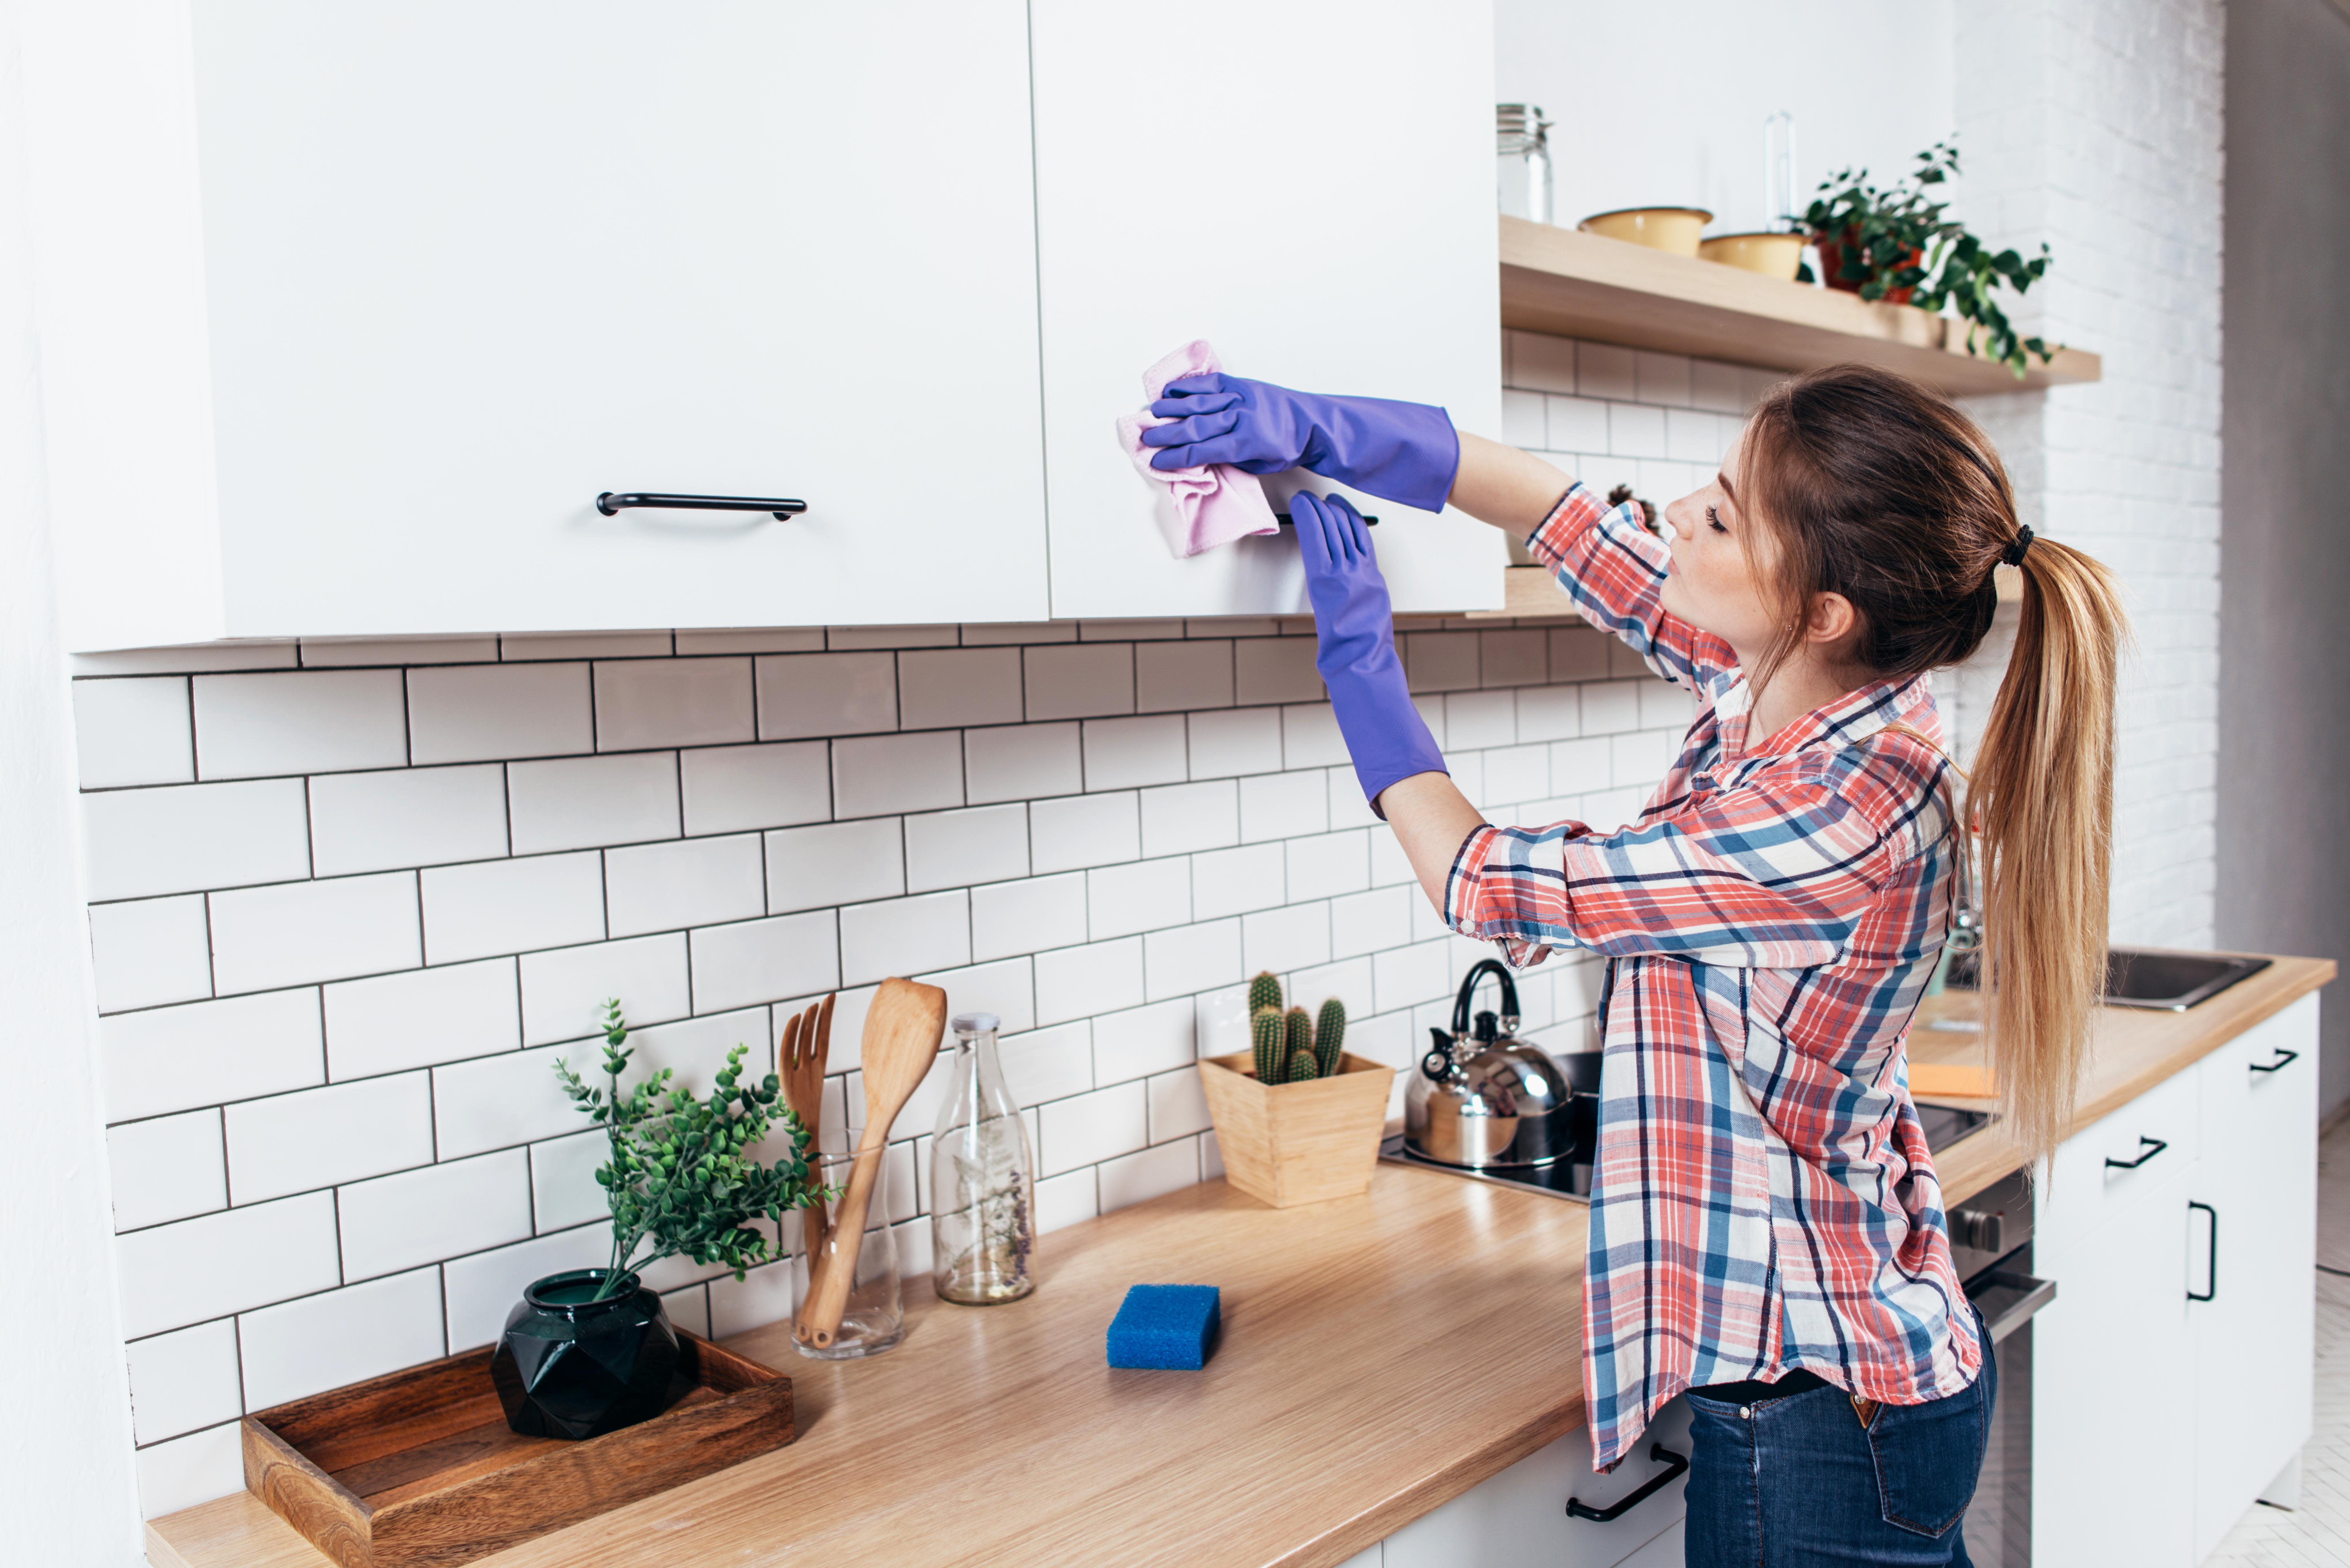 Сушилника за съдове.Той трябва да се почиства всяка седмица с дезинфектант и да не се оставя мокър. След като приберете съдовете, изплакнете хубаво сушилника, махнете водата, която се е събрала под него и го подсушете с кухненска хартия.